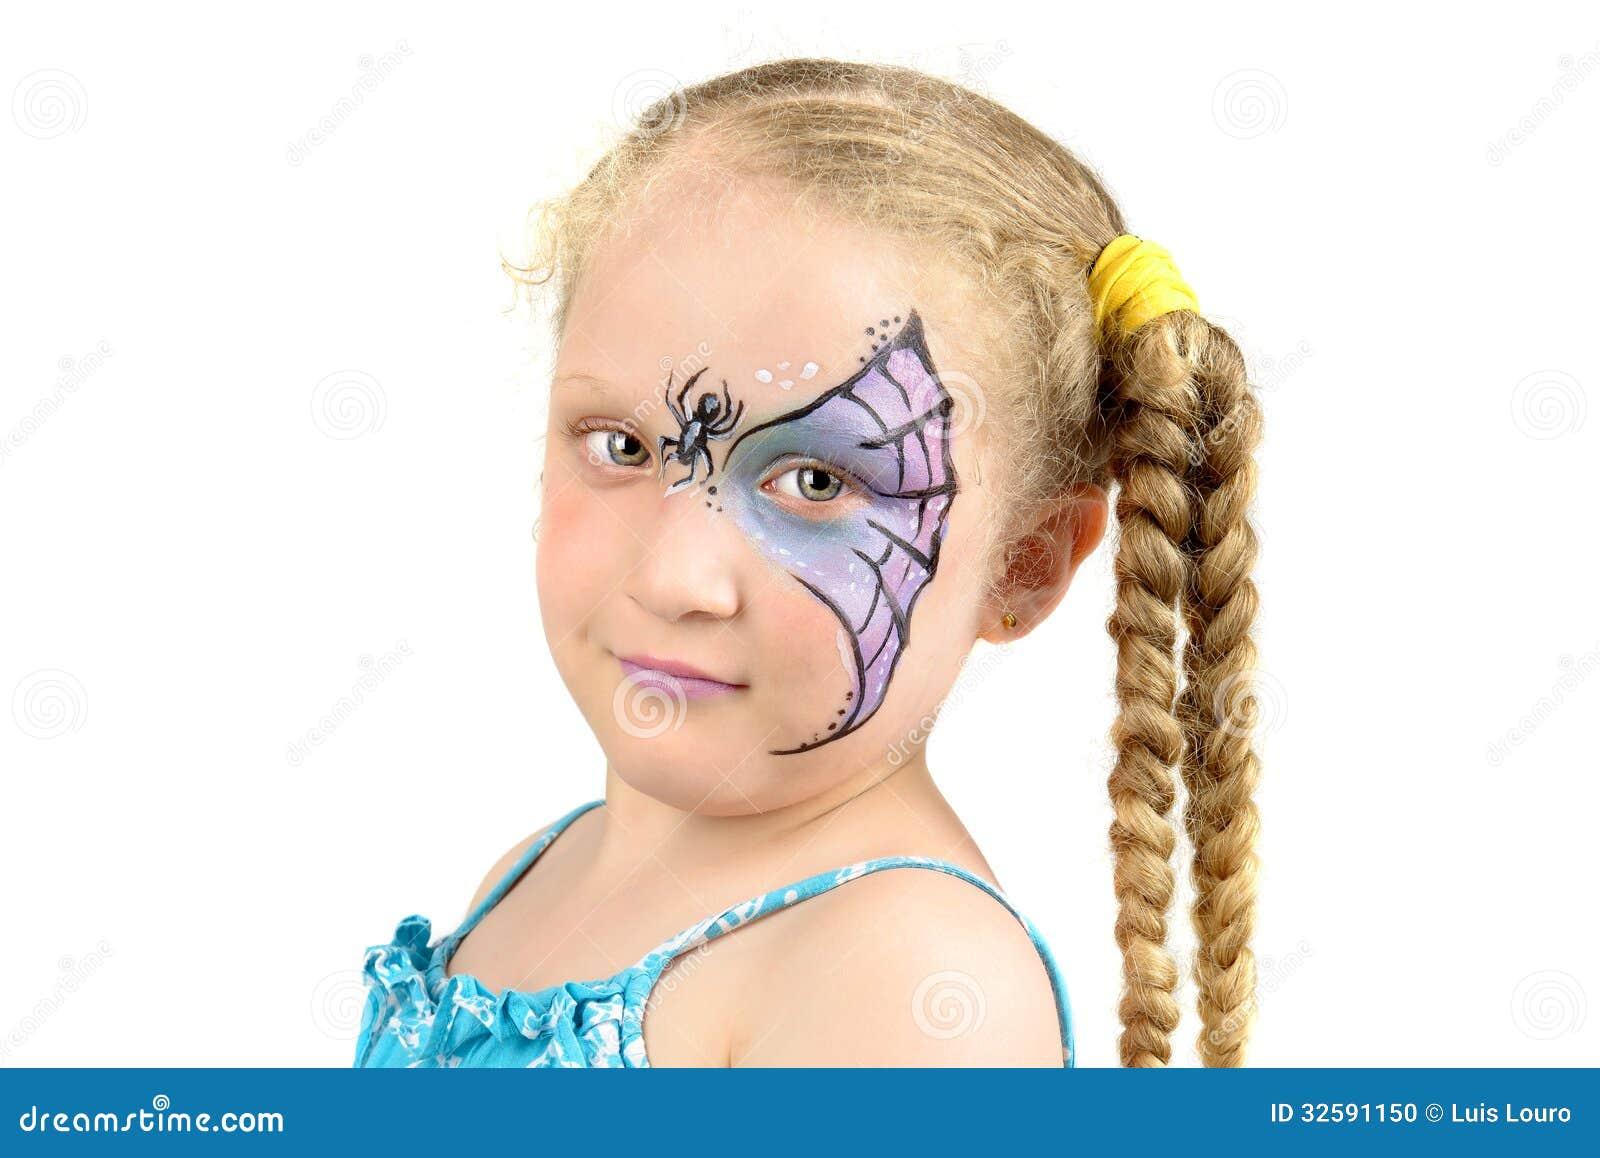 Peinture de visage toile d 39 araign e photo stock image - Maquillage toile d araignee visage ...